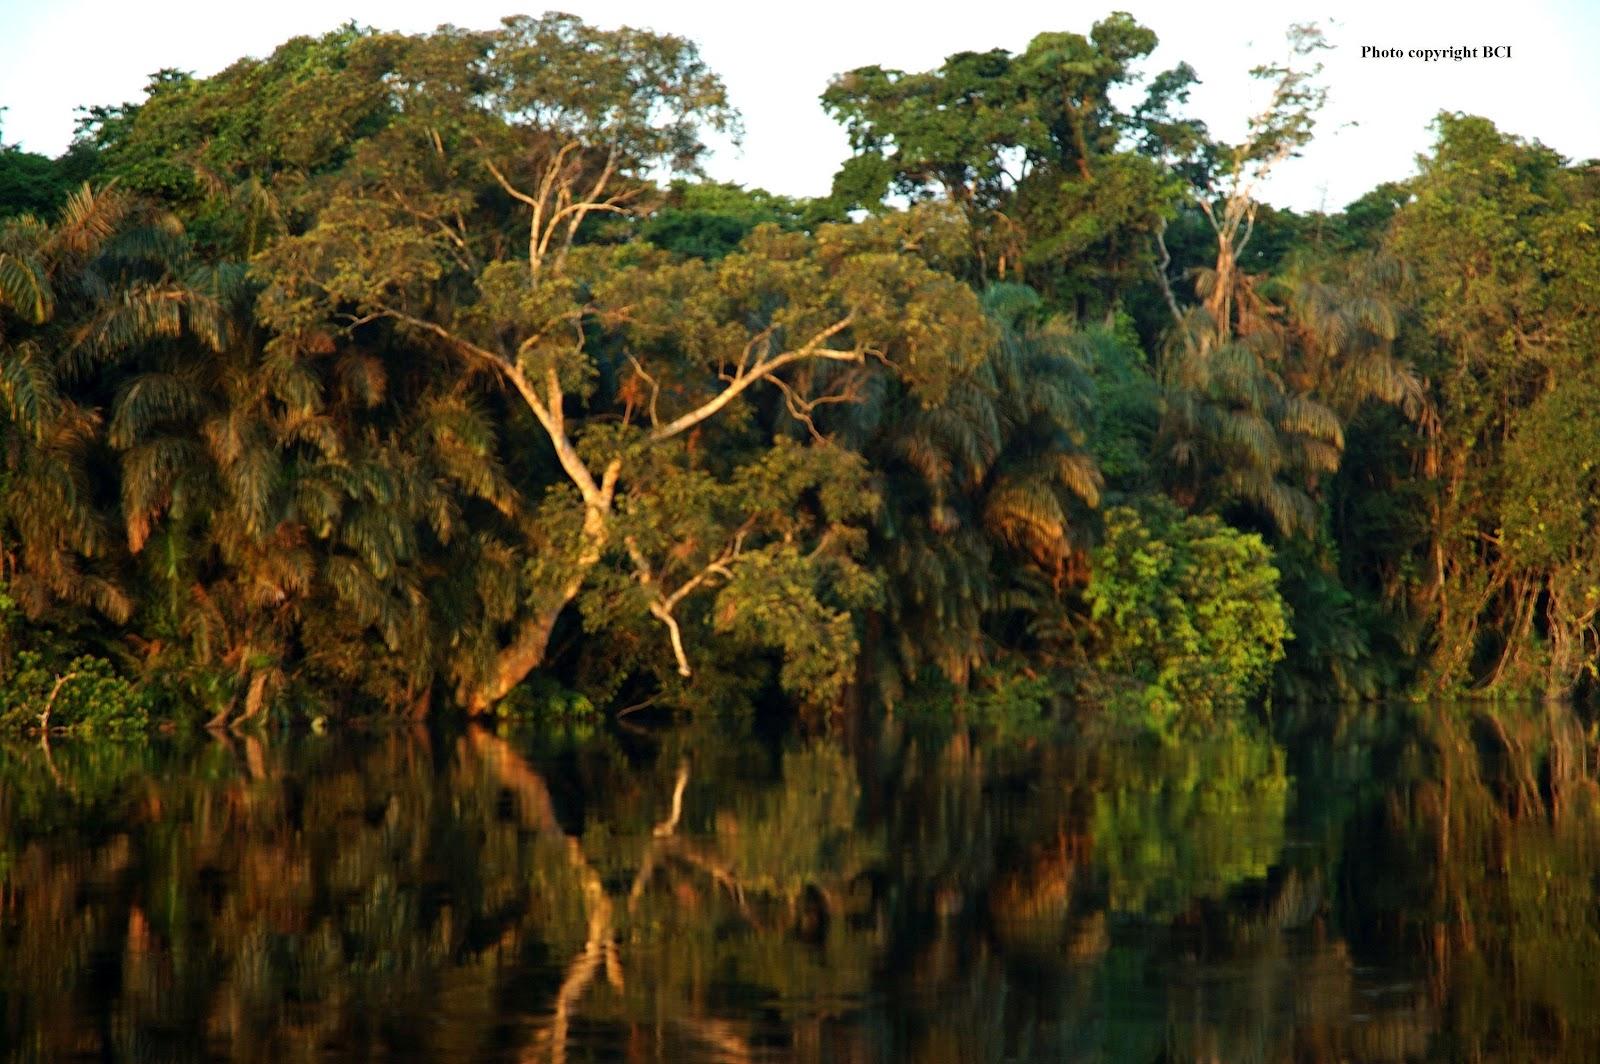 http://3.bp.blogspot.com/-SfghQYFQZ_U/UCnAAI8mcPI/AAAAAAAABtc/fPZADT8gr04/s1600/floresta+do+congo.jpg